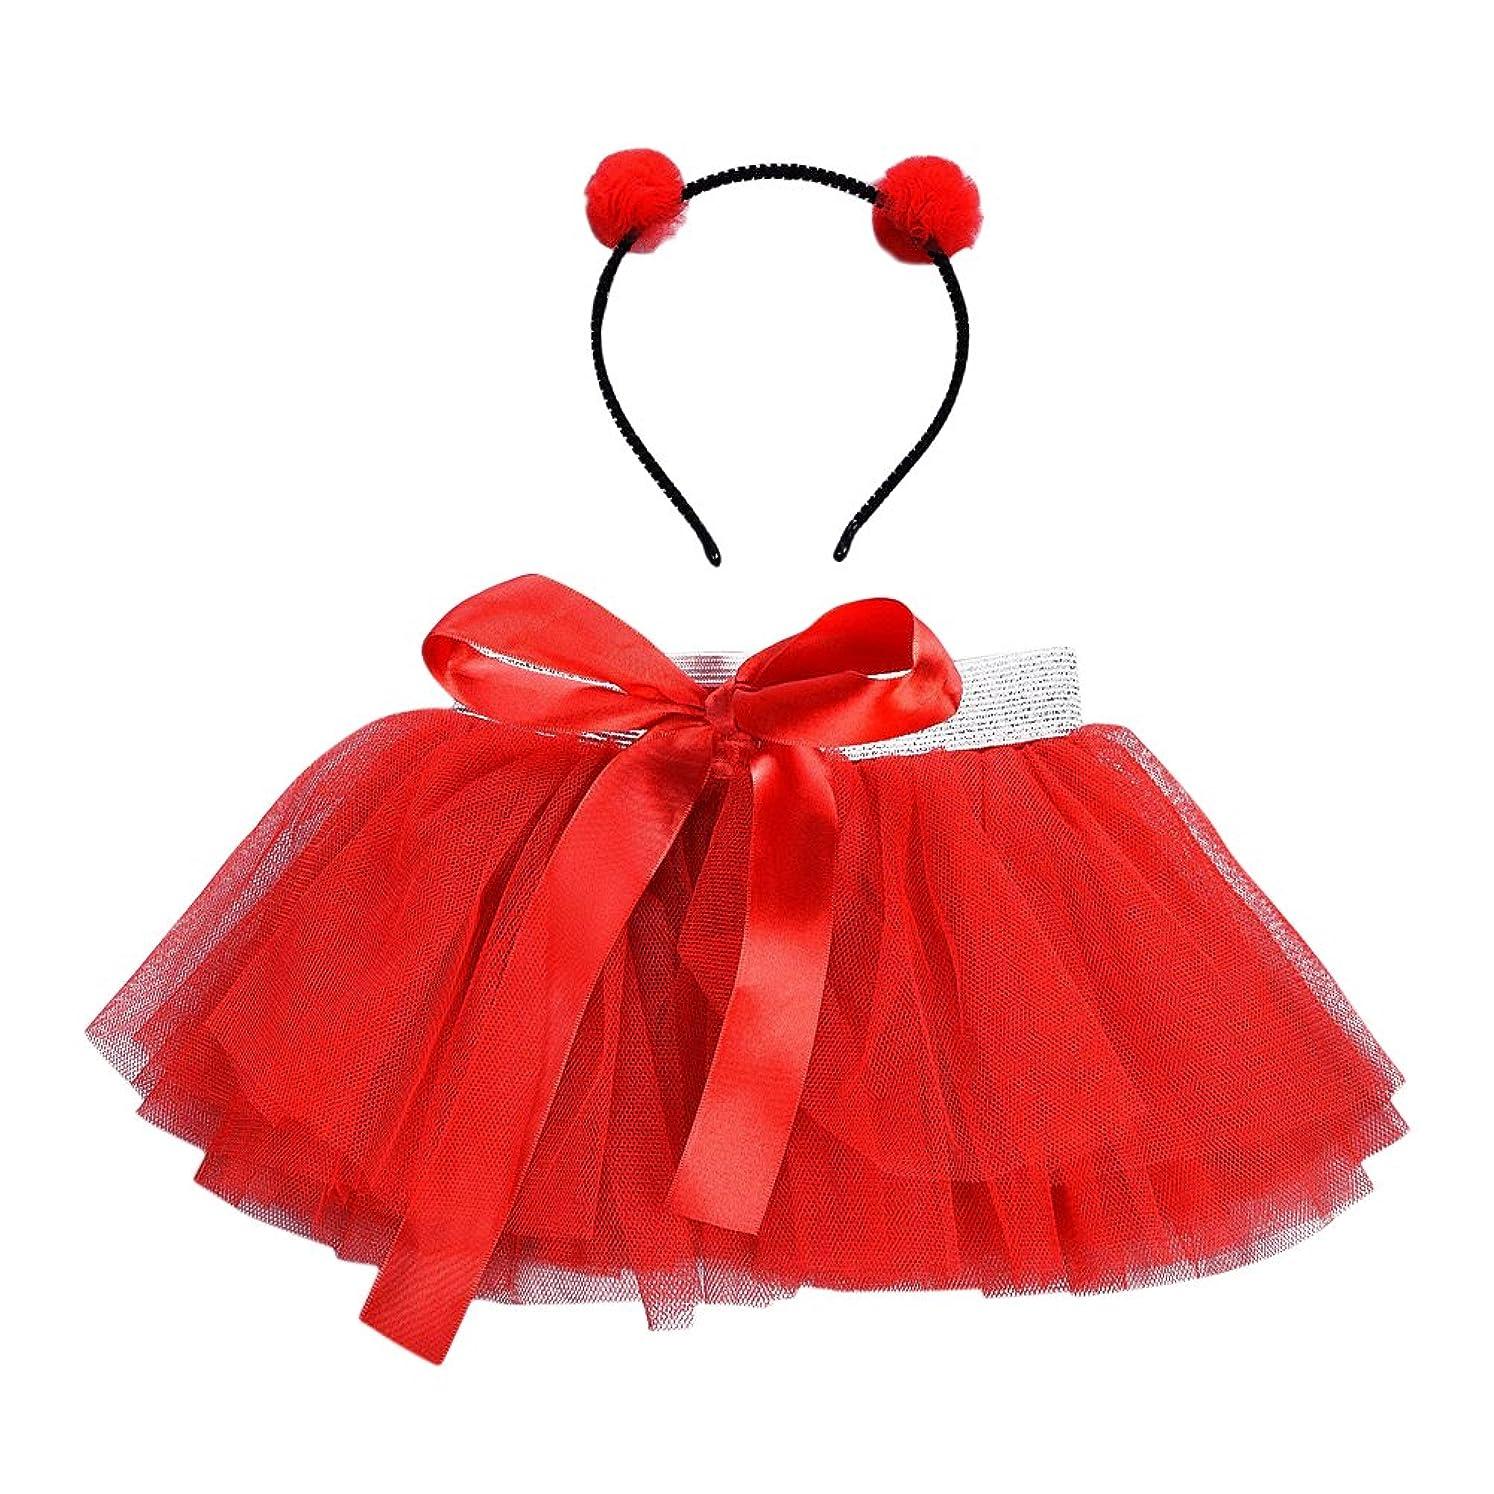 段落にやにや存在LUOEM 女の子TutuスカートセットヘッドバンドプリンセスガールTutuの服装赤ちゃん女の子Birthday Outfit Set(Red)